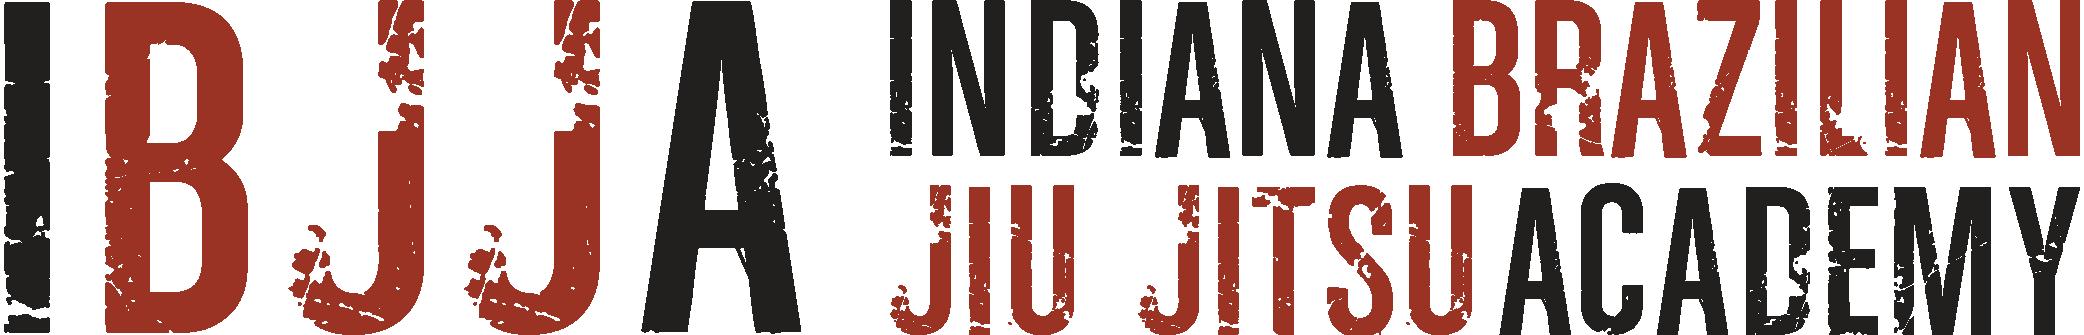 Indiana Brazilian Jiu-Jitsu Academy Logo